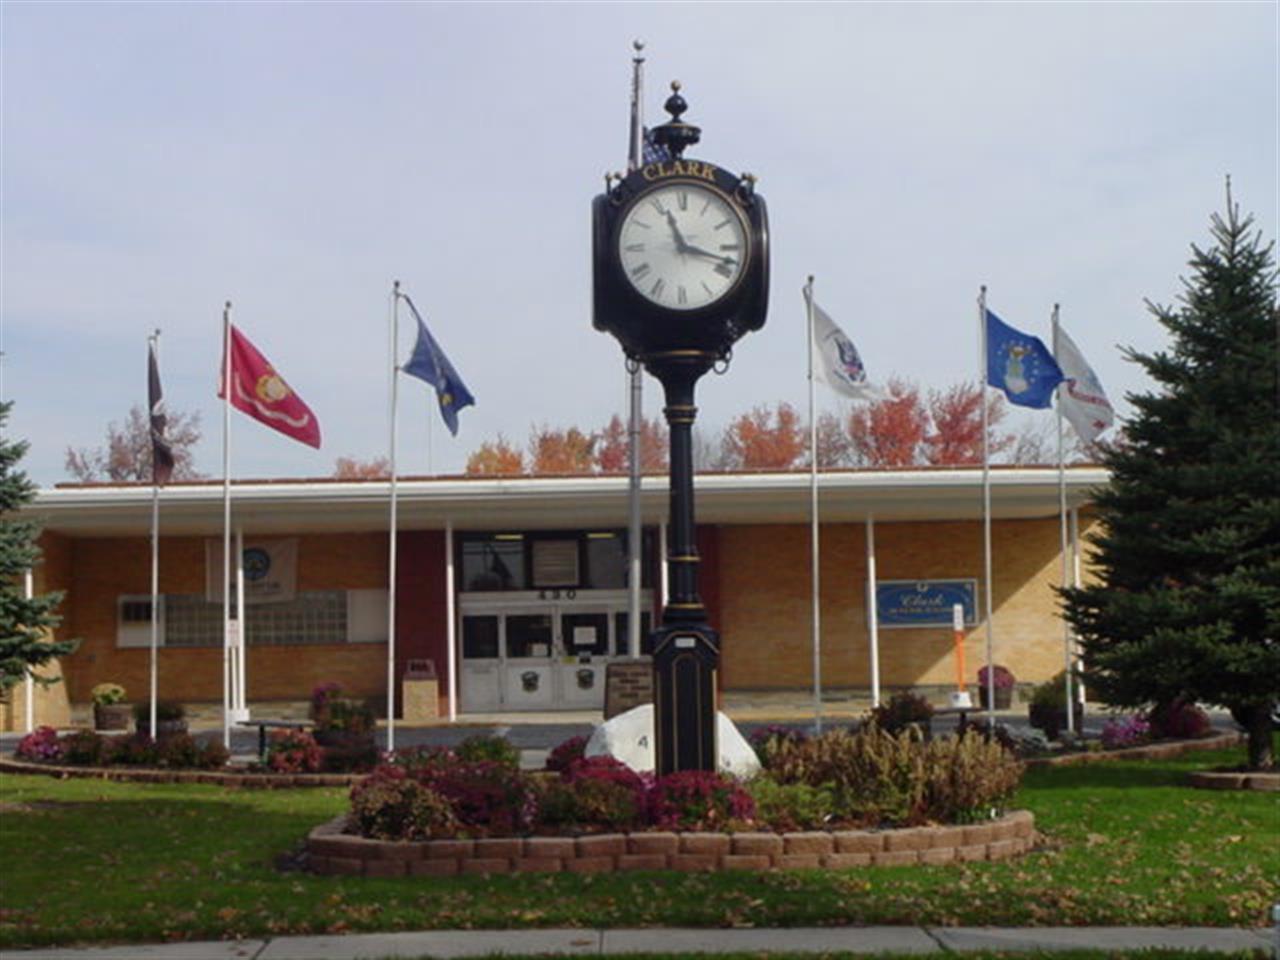 Clark Town Hall